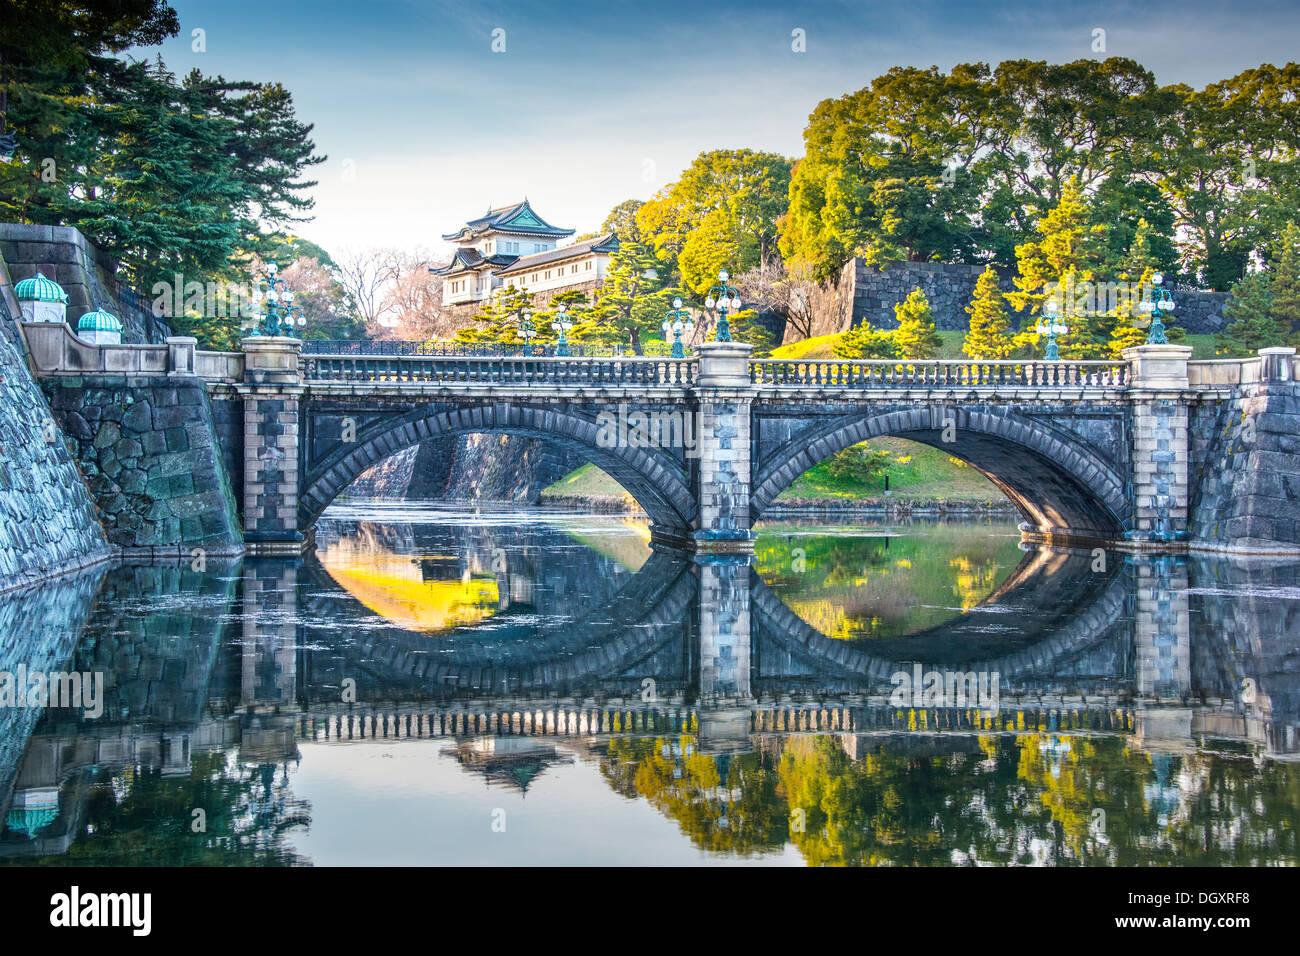 El Palacio Imperial de Tokio, Japón. Imagen De Stock